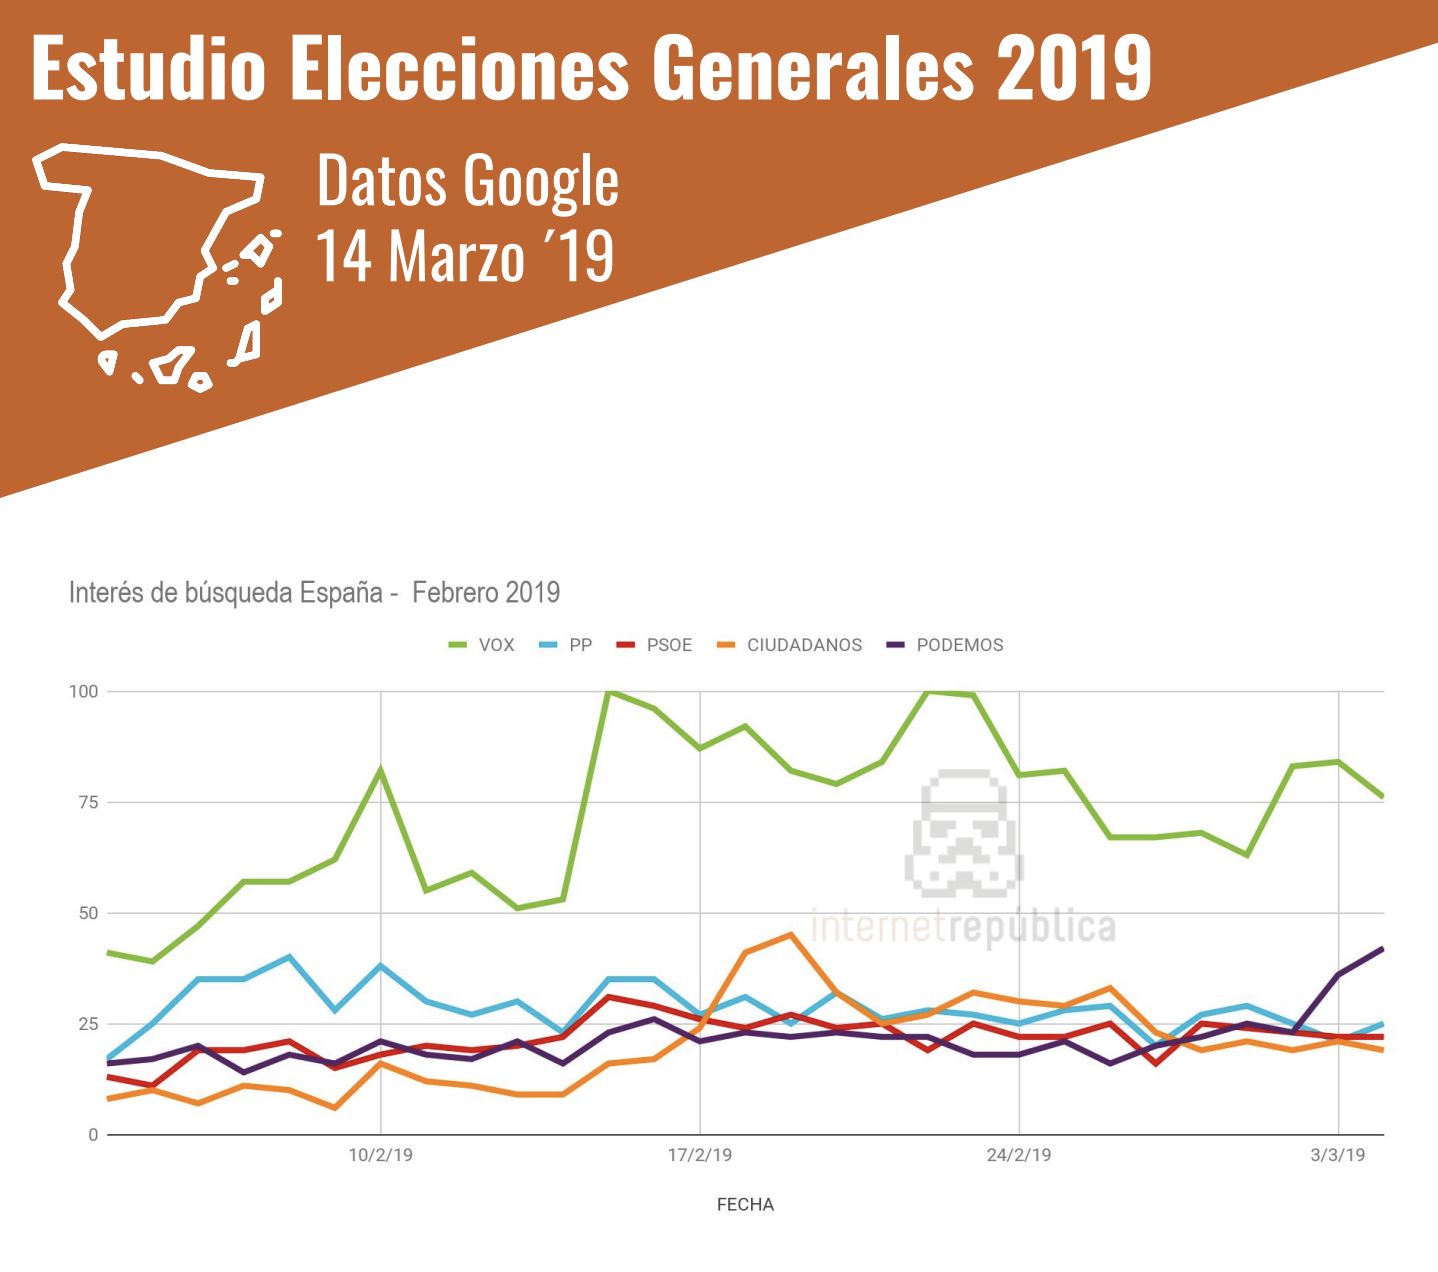 Interés en partidos políticos (Fuente: Internet República)